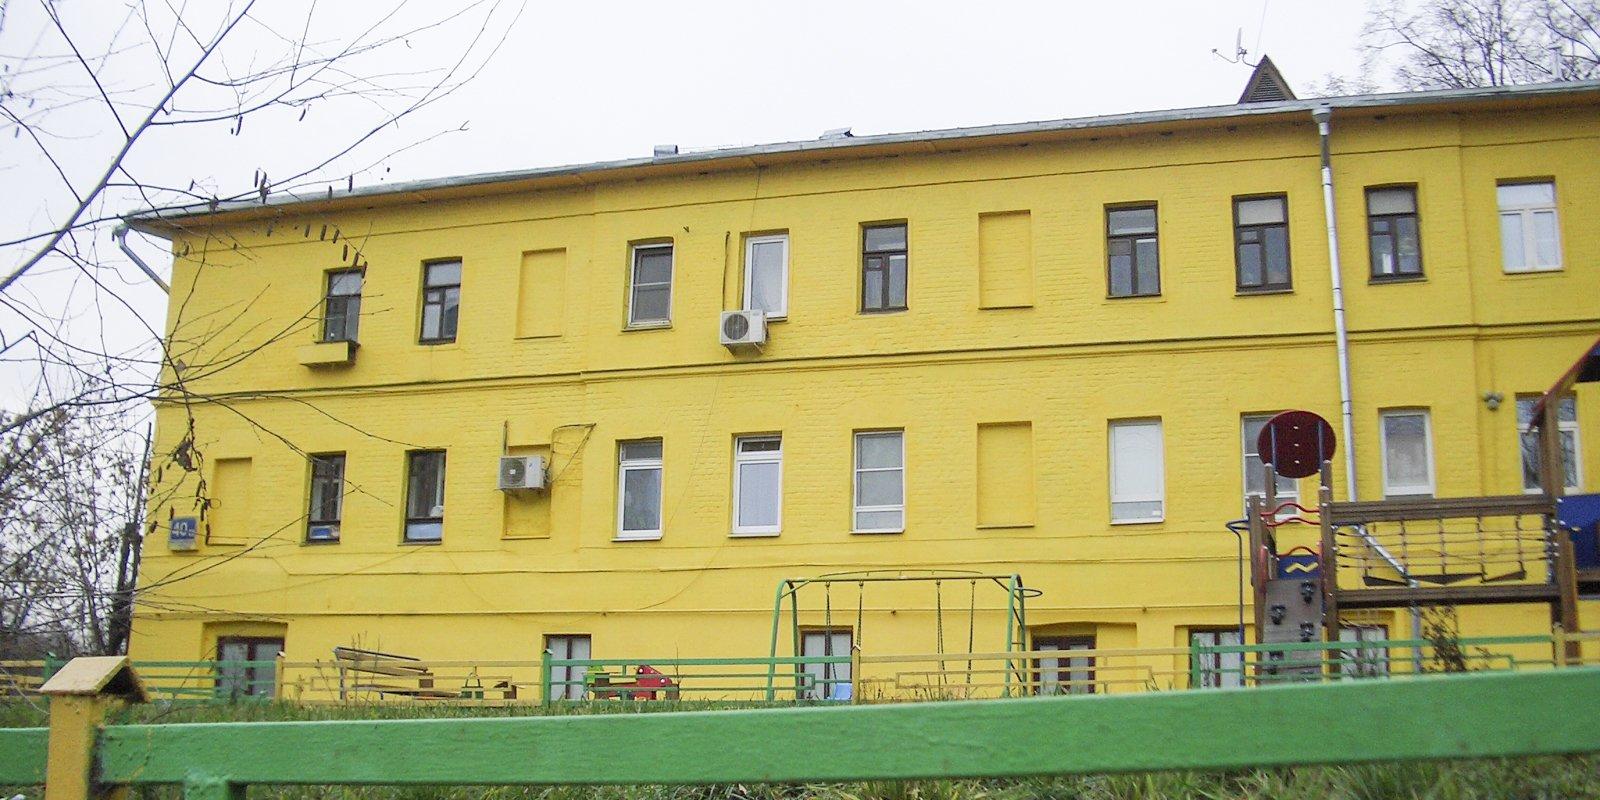 Реставрация здания старинной таможни пройдет на юго-востоке Москвы